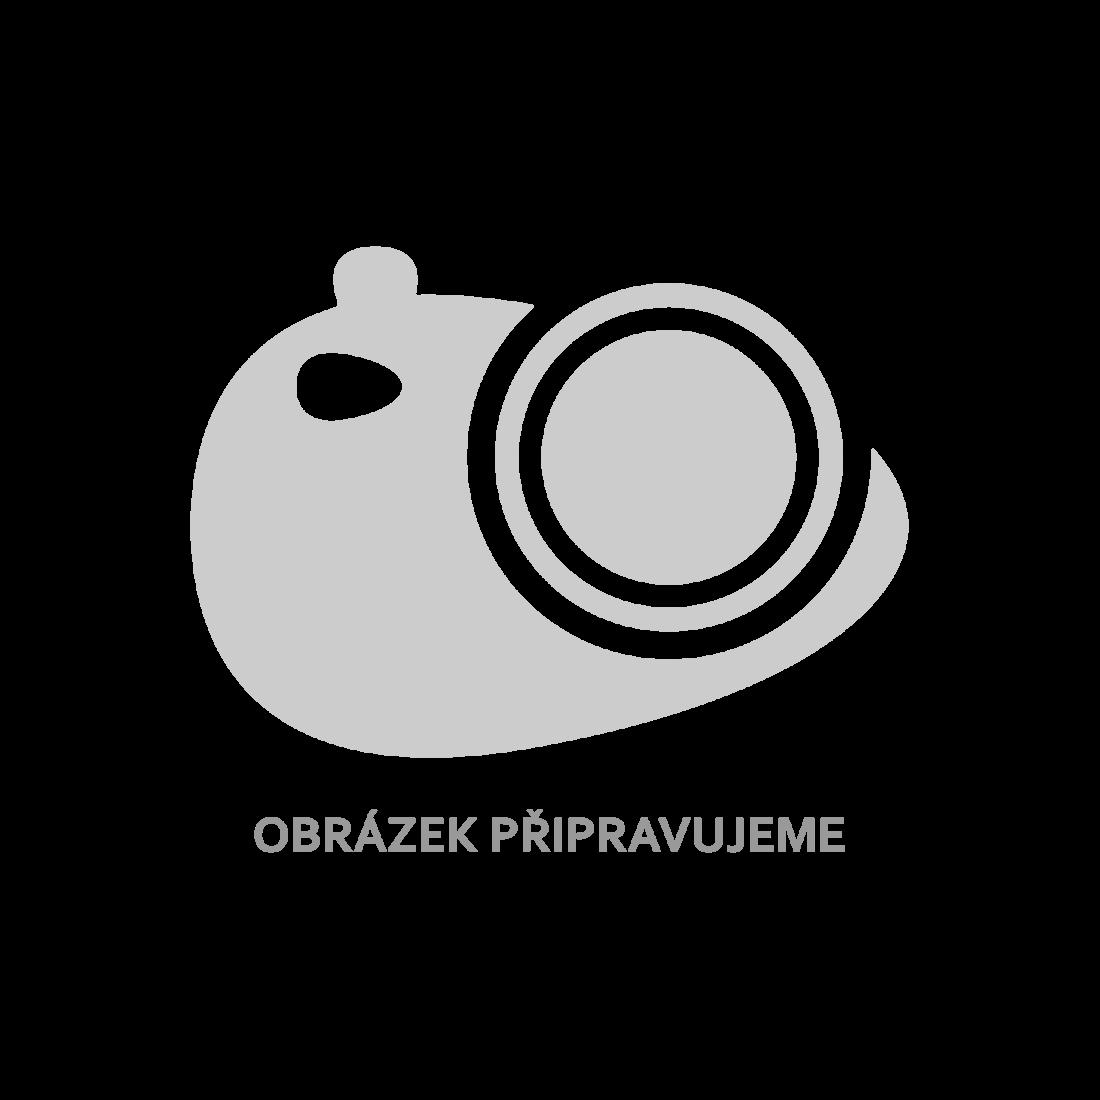 Stolička s úložným prostorem 40 cm hnědá umělá kůže